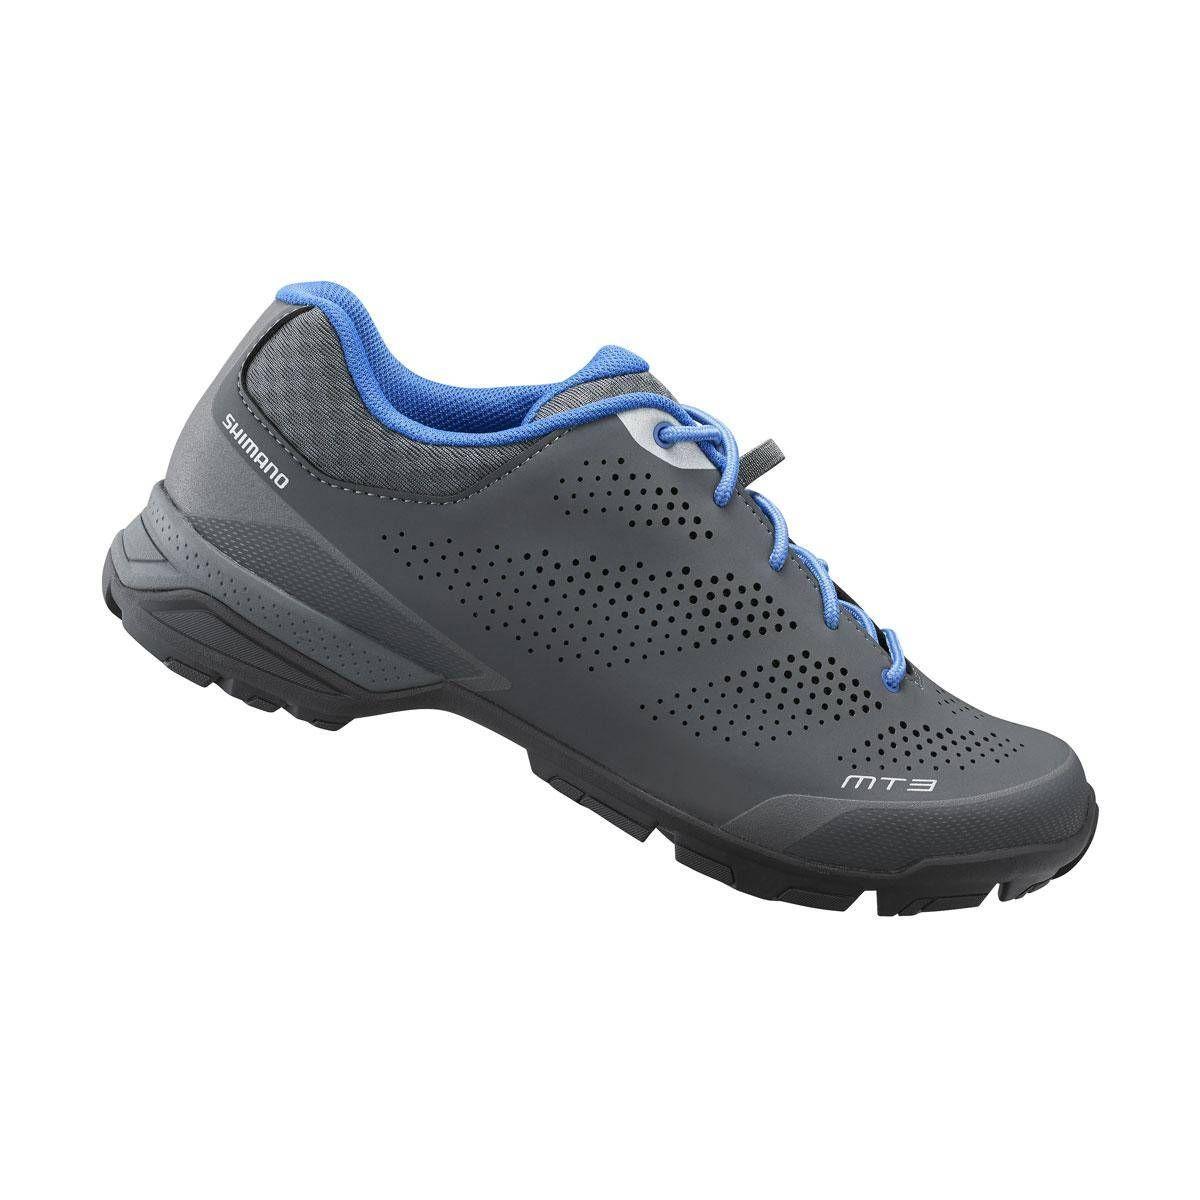 SHIMANO turistická obuv SH-MT301WG, šedá, 42